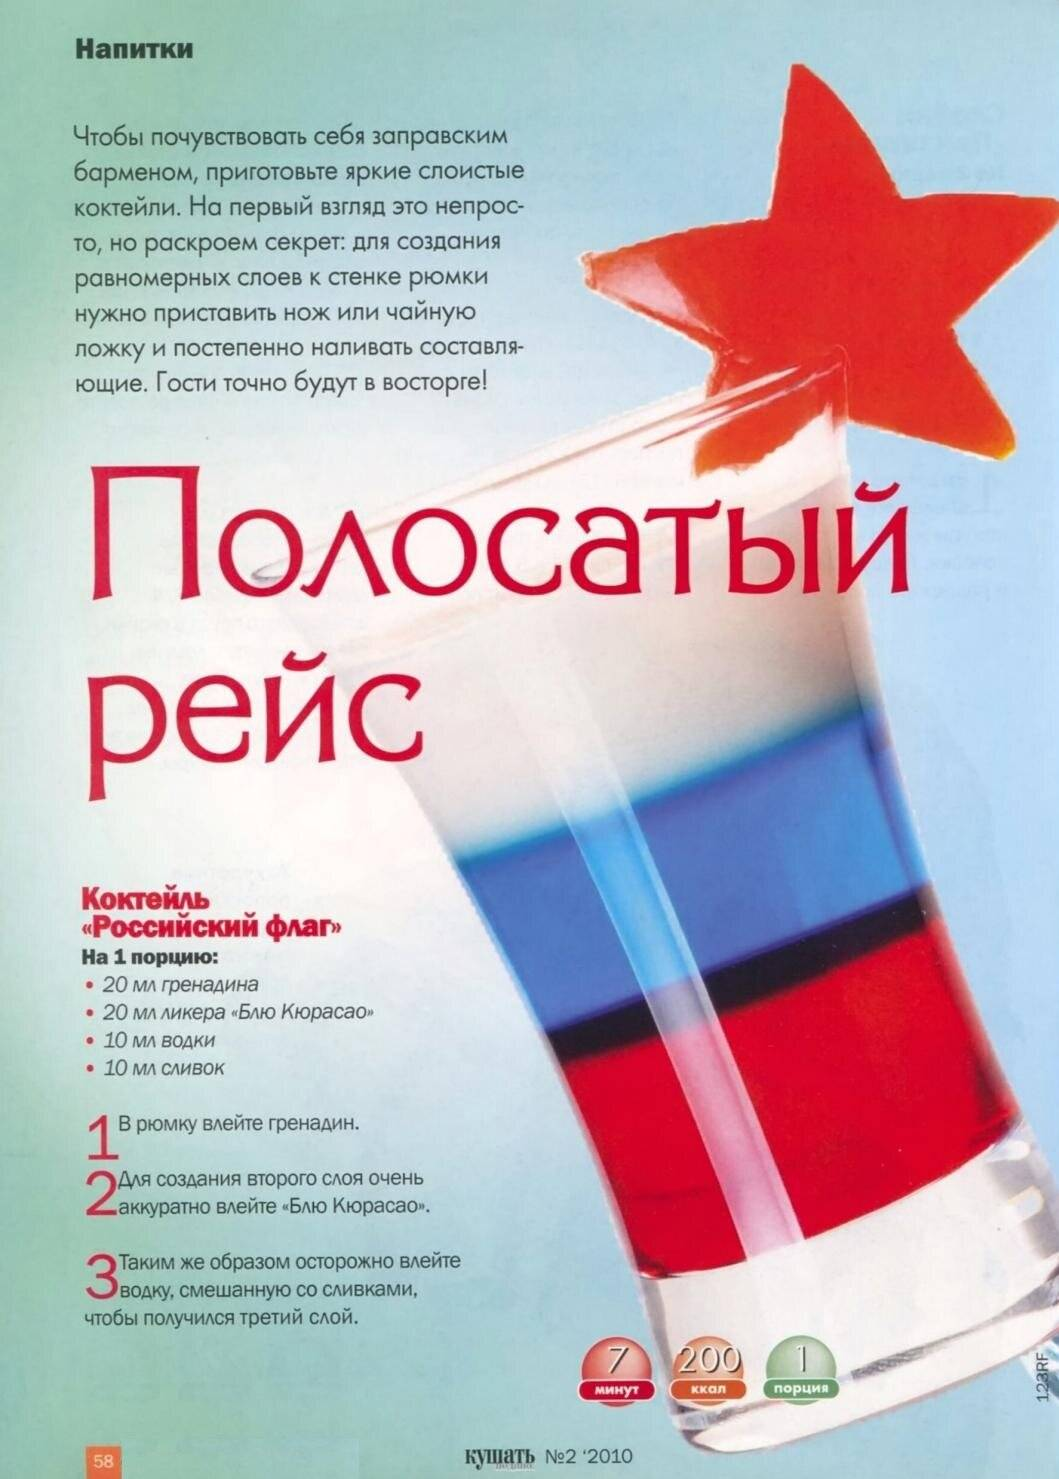 Коктейль флаг россии рецепт